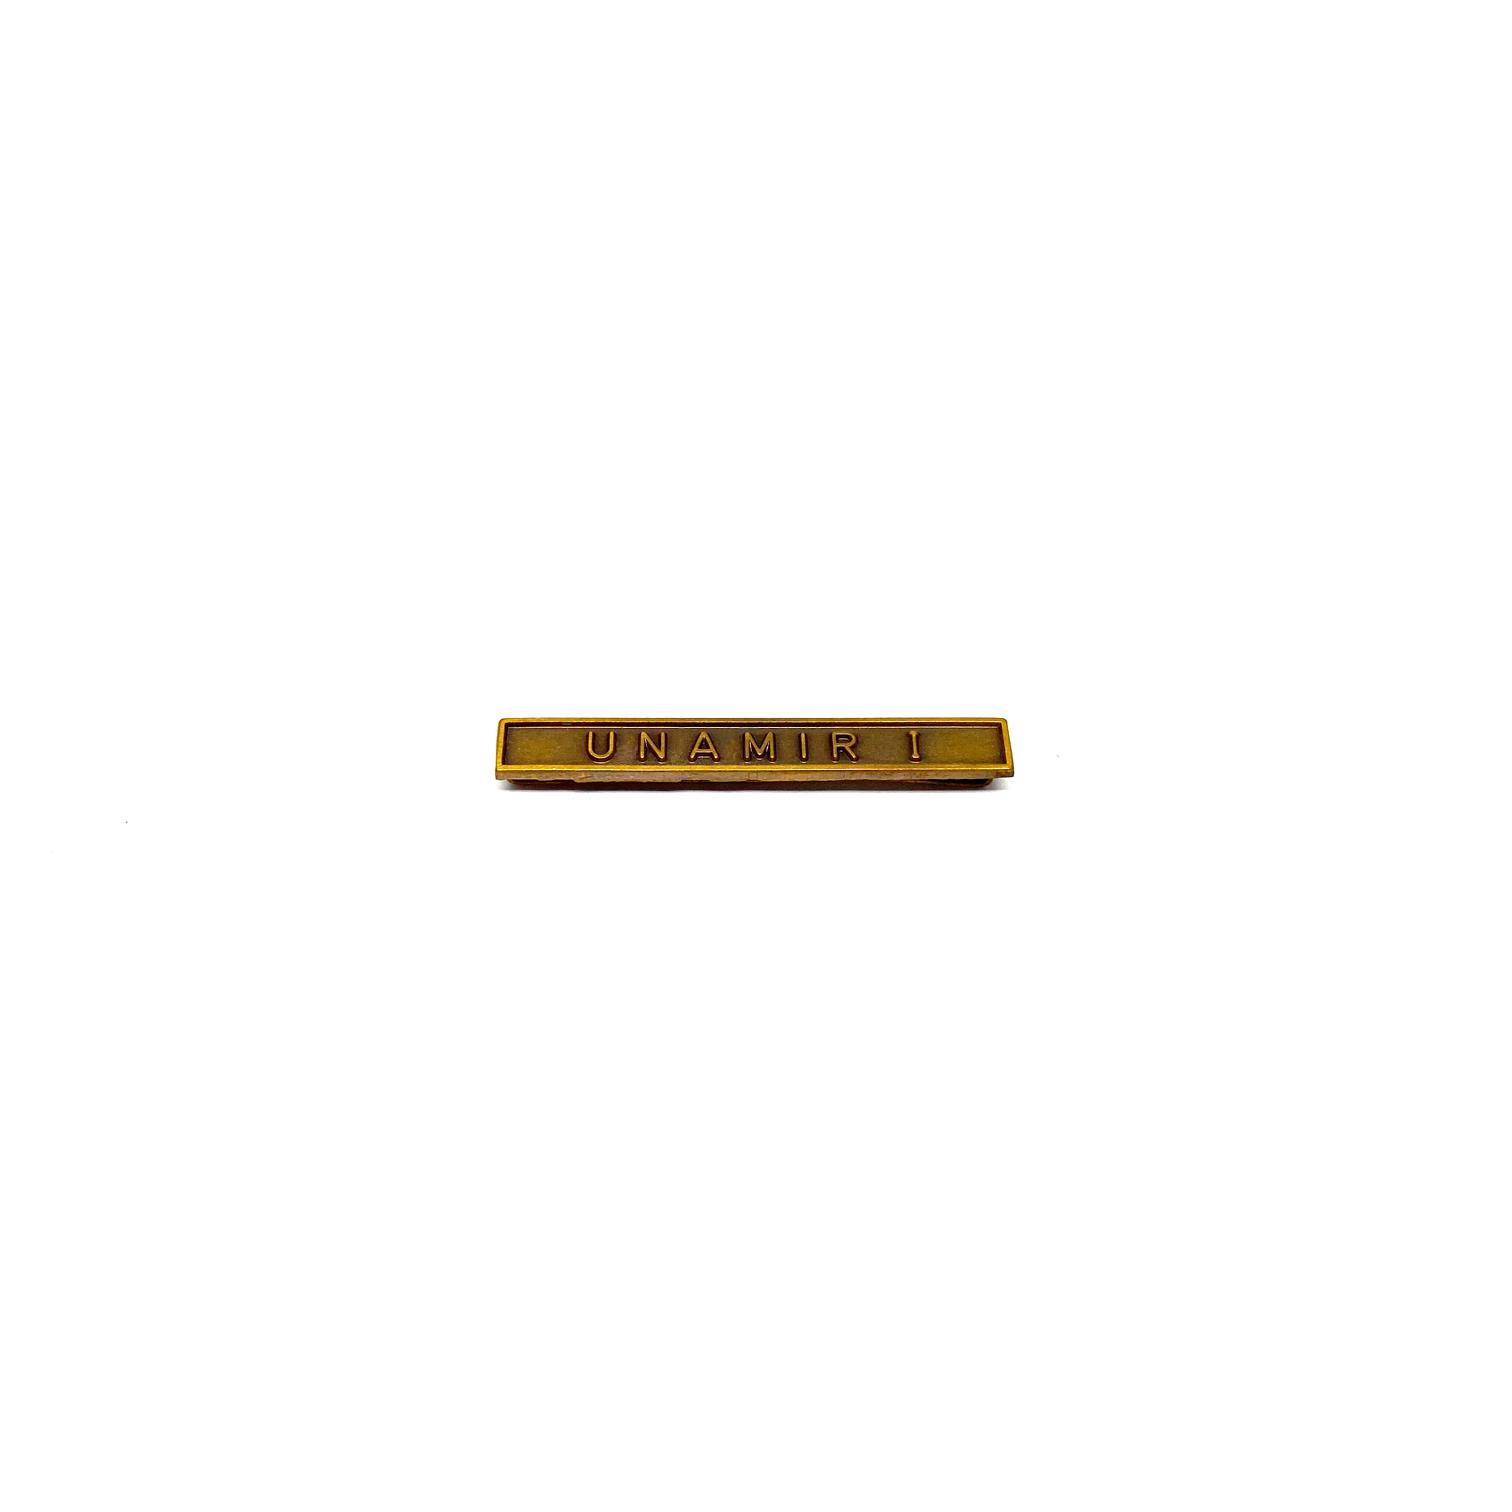 Barrette Unamir I pour décorations militaires